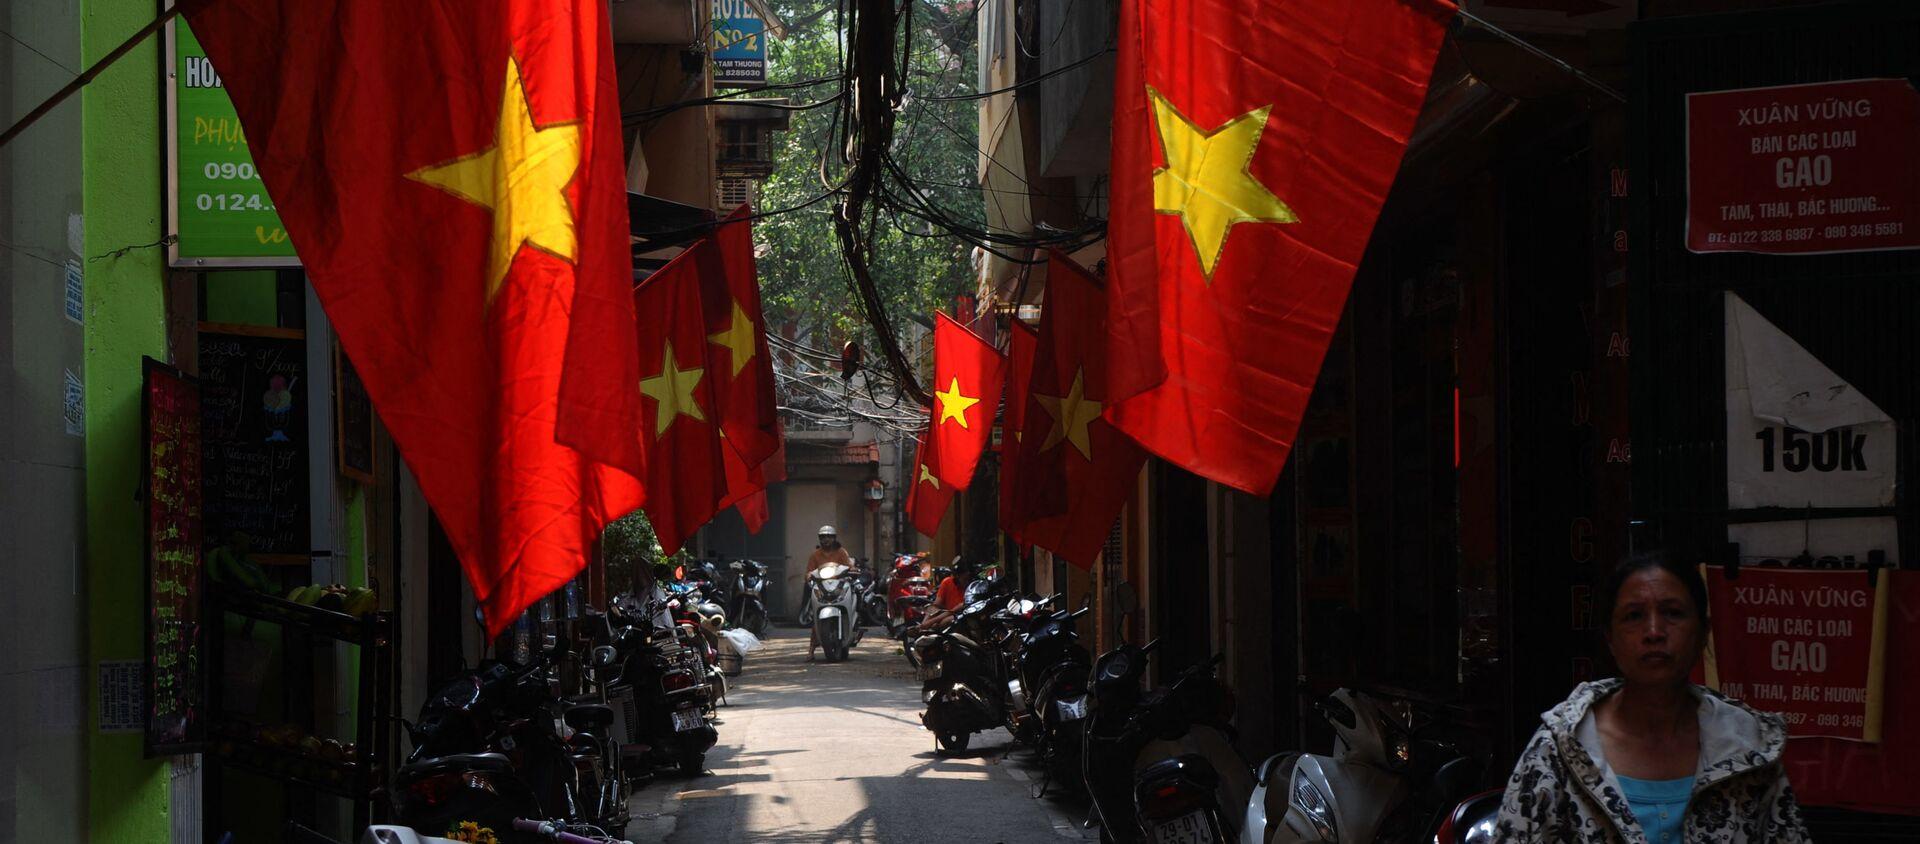 Đường phố Hà Nội. - Sputnik Việt Nam, 1920, 21.04.2021